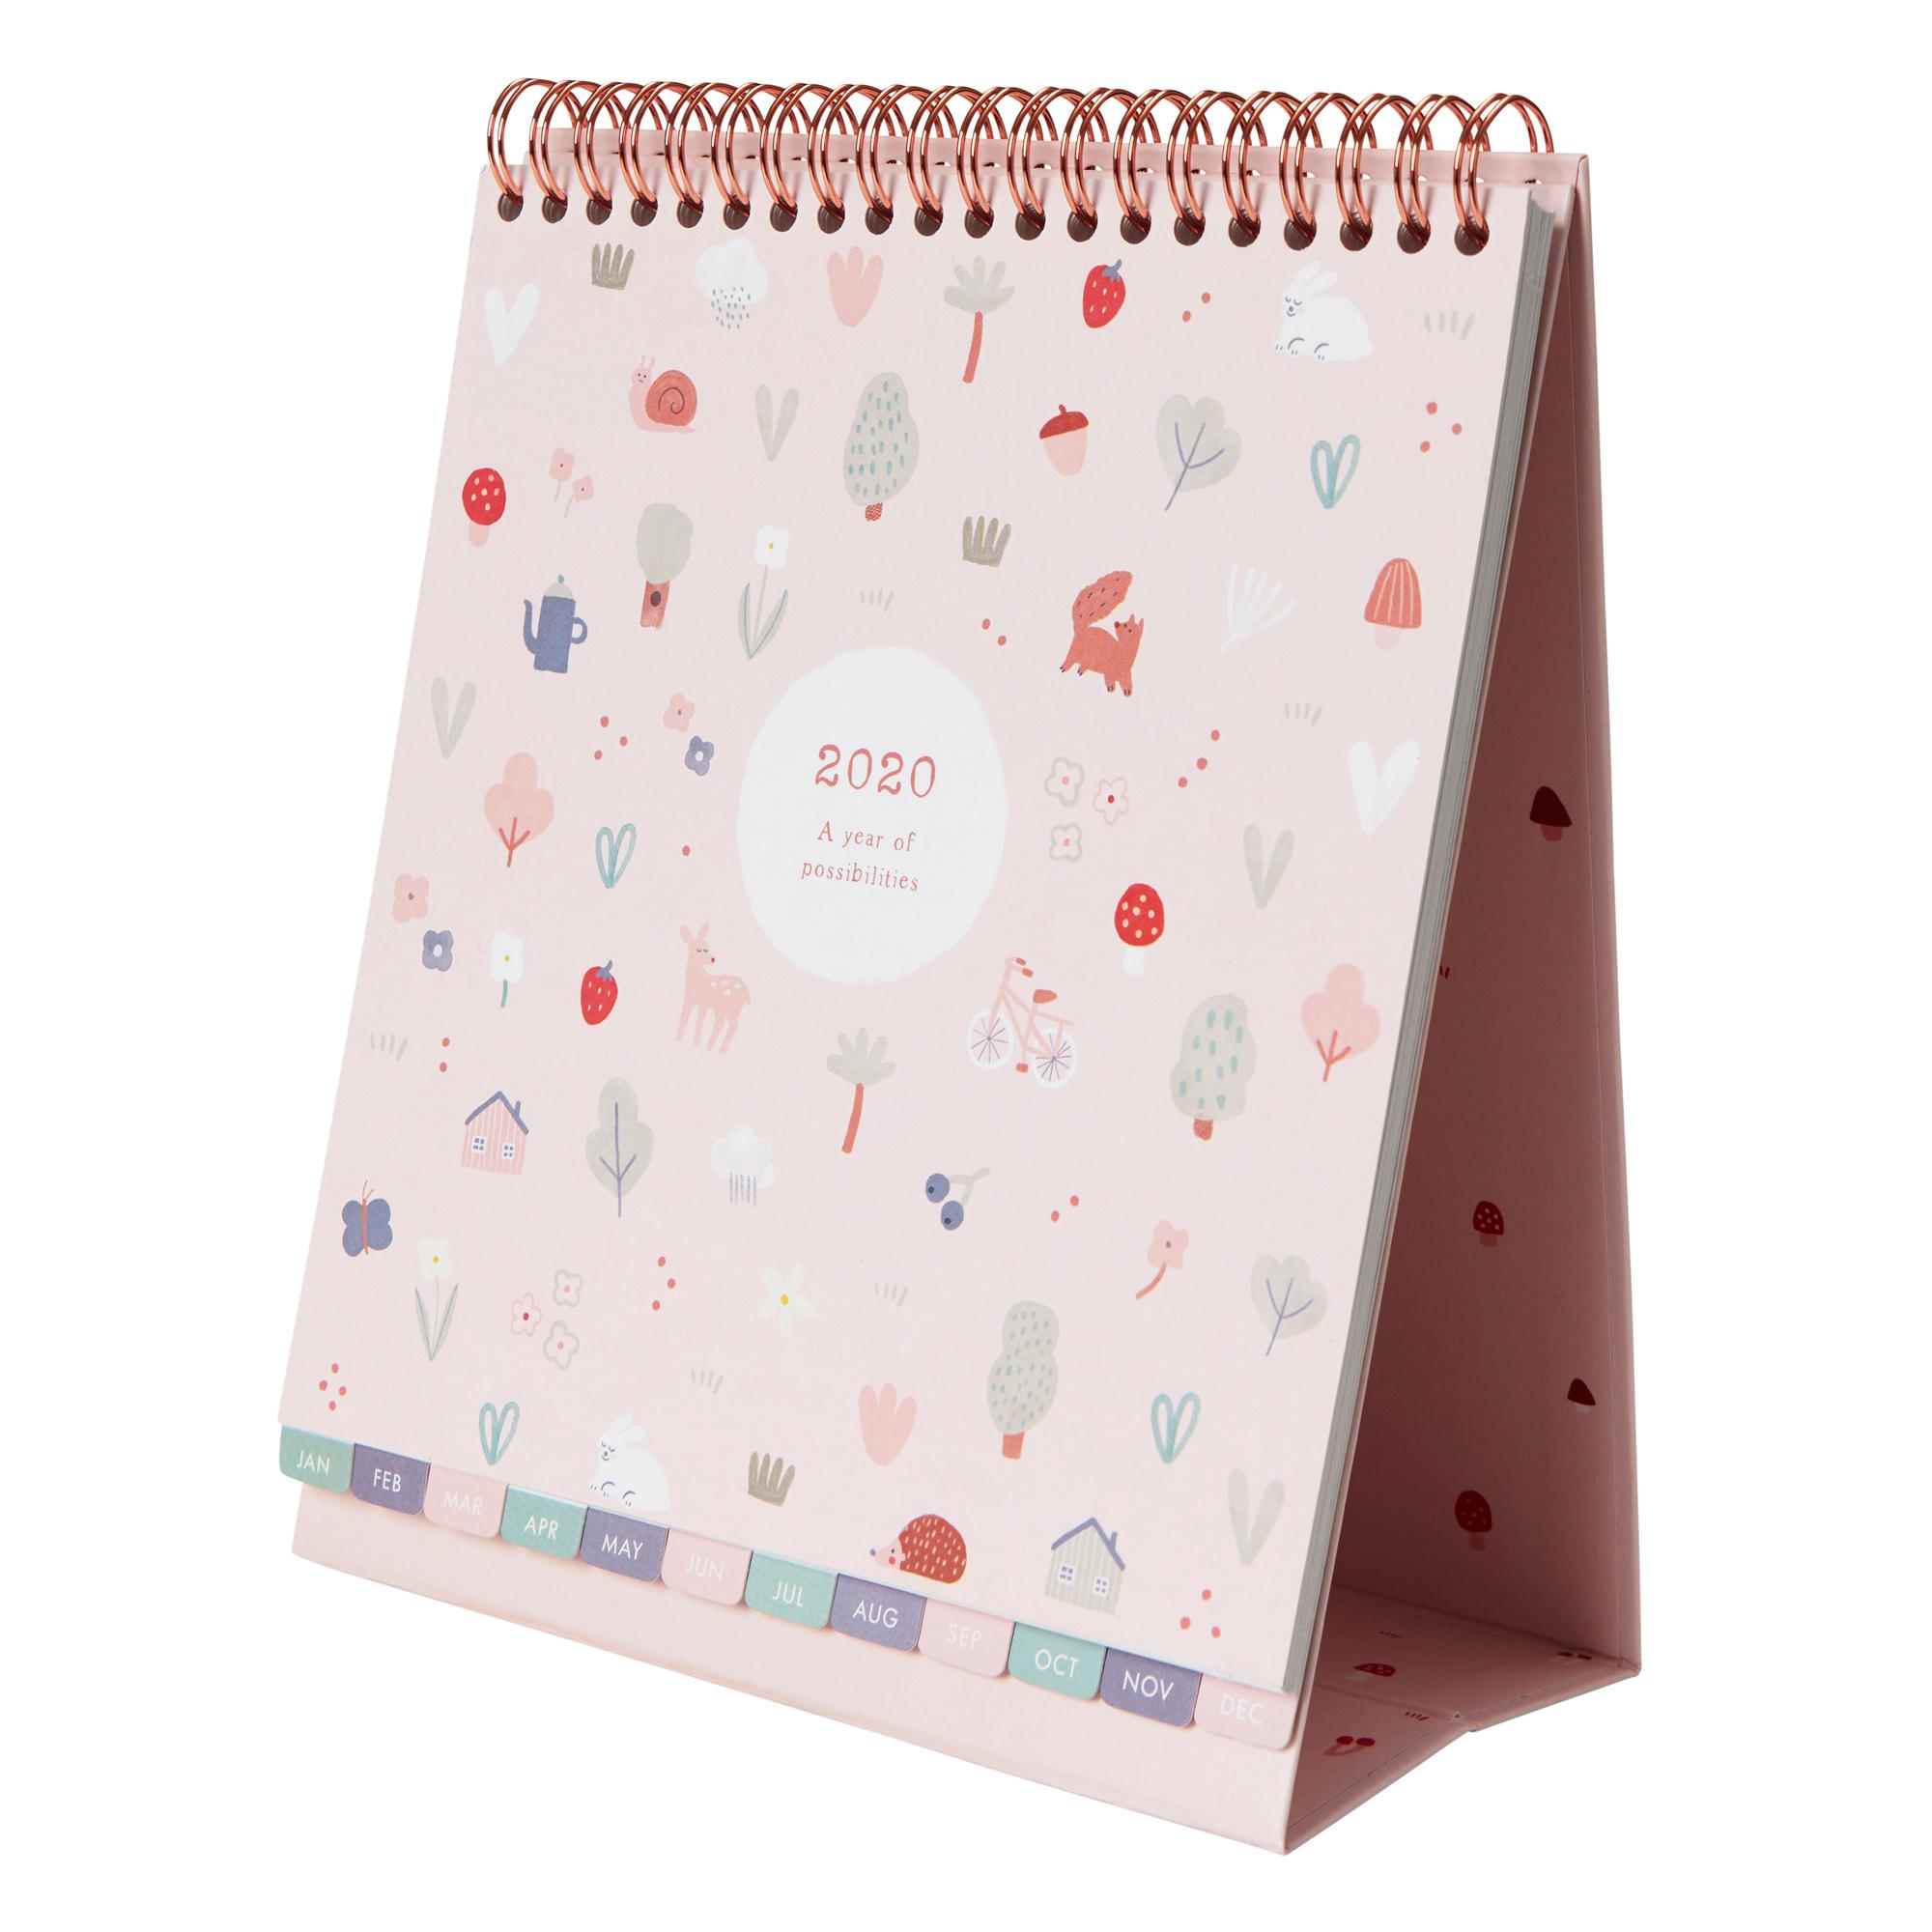 2020 Sweet Desk Calendar Pale Pink: Woodland | Calendars